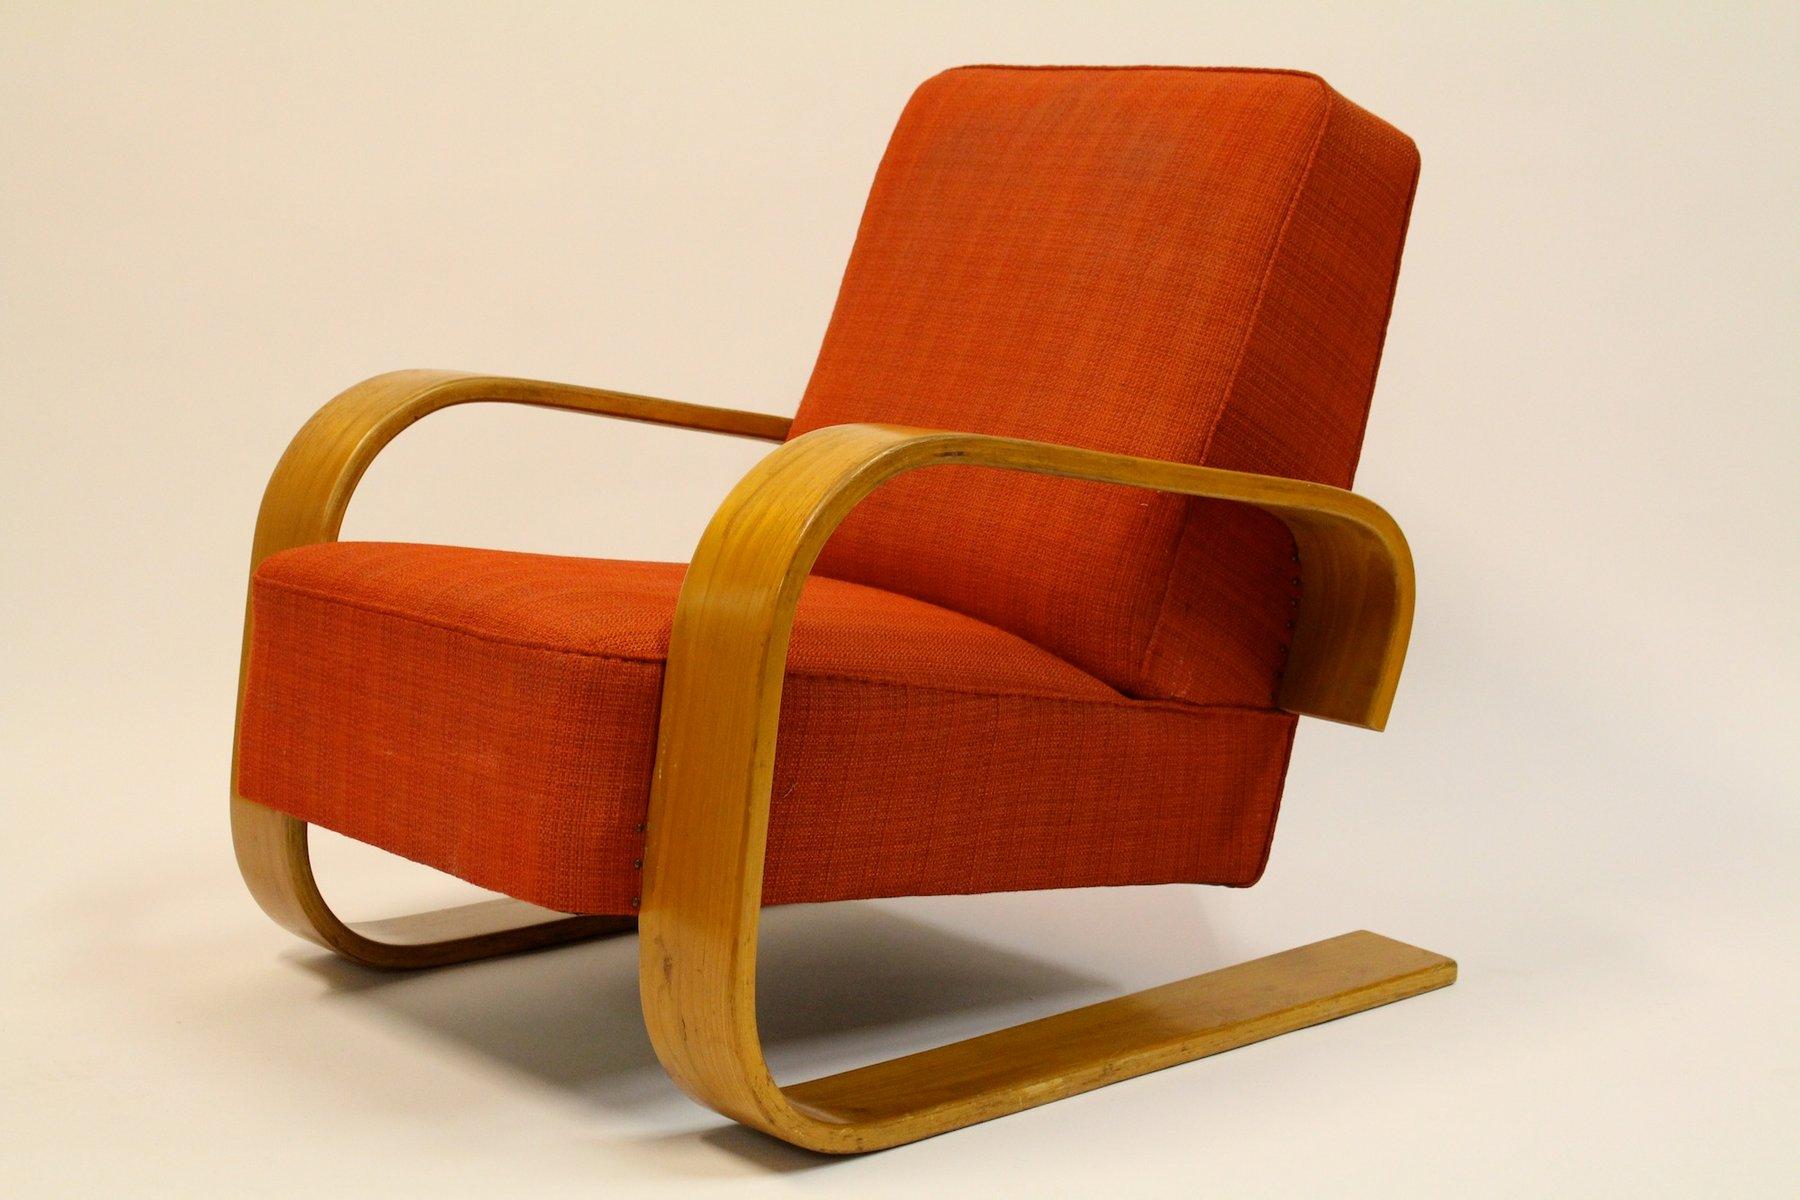 Model 400 Tank Chair By Alvar Aalto For Artek 1950s